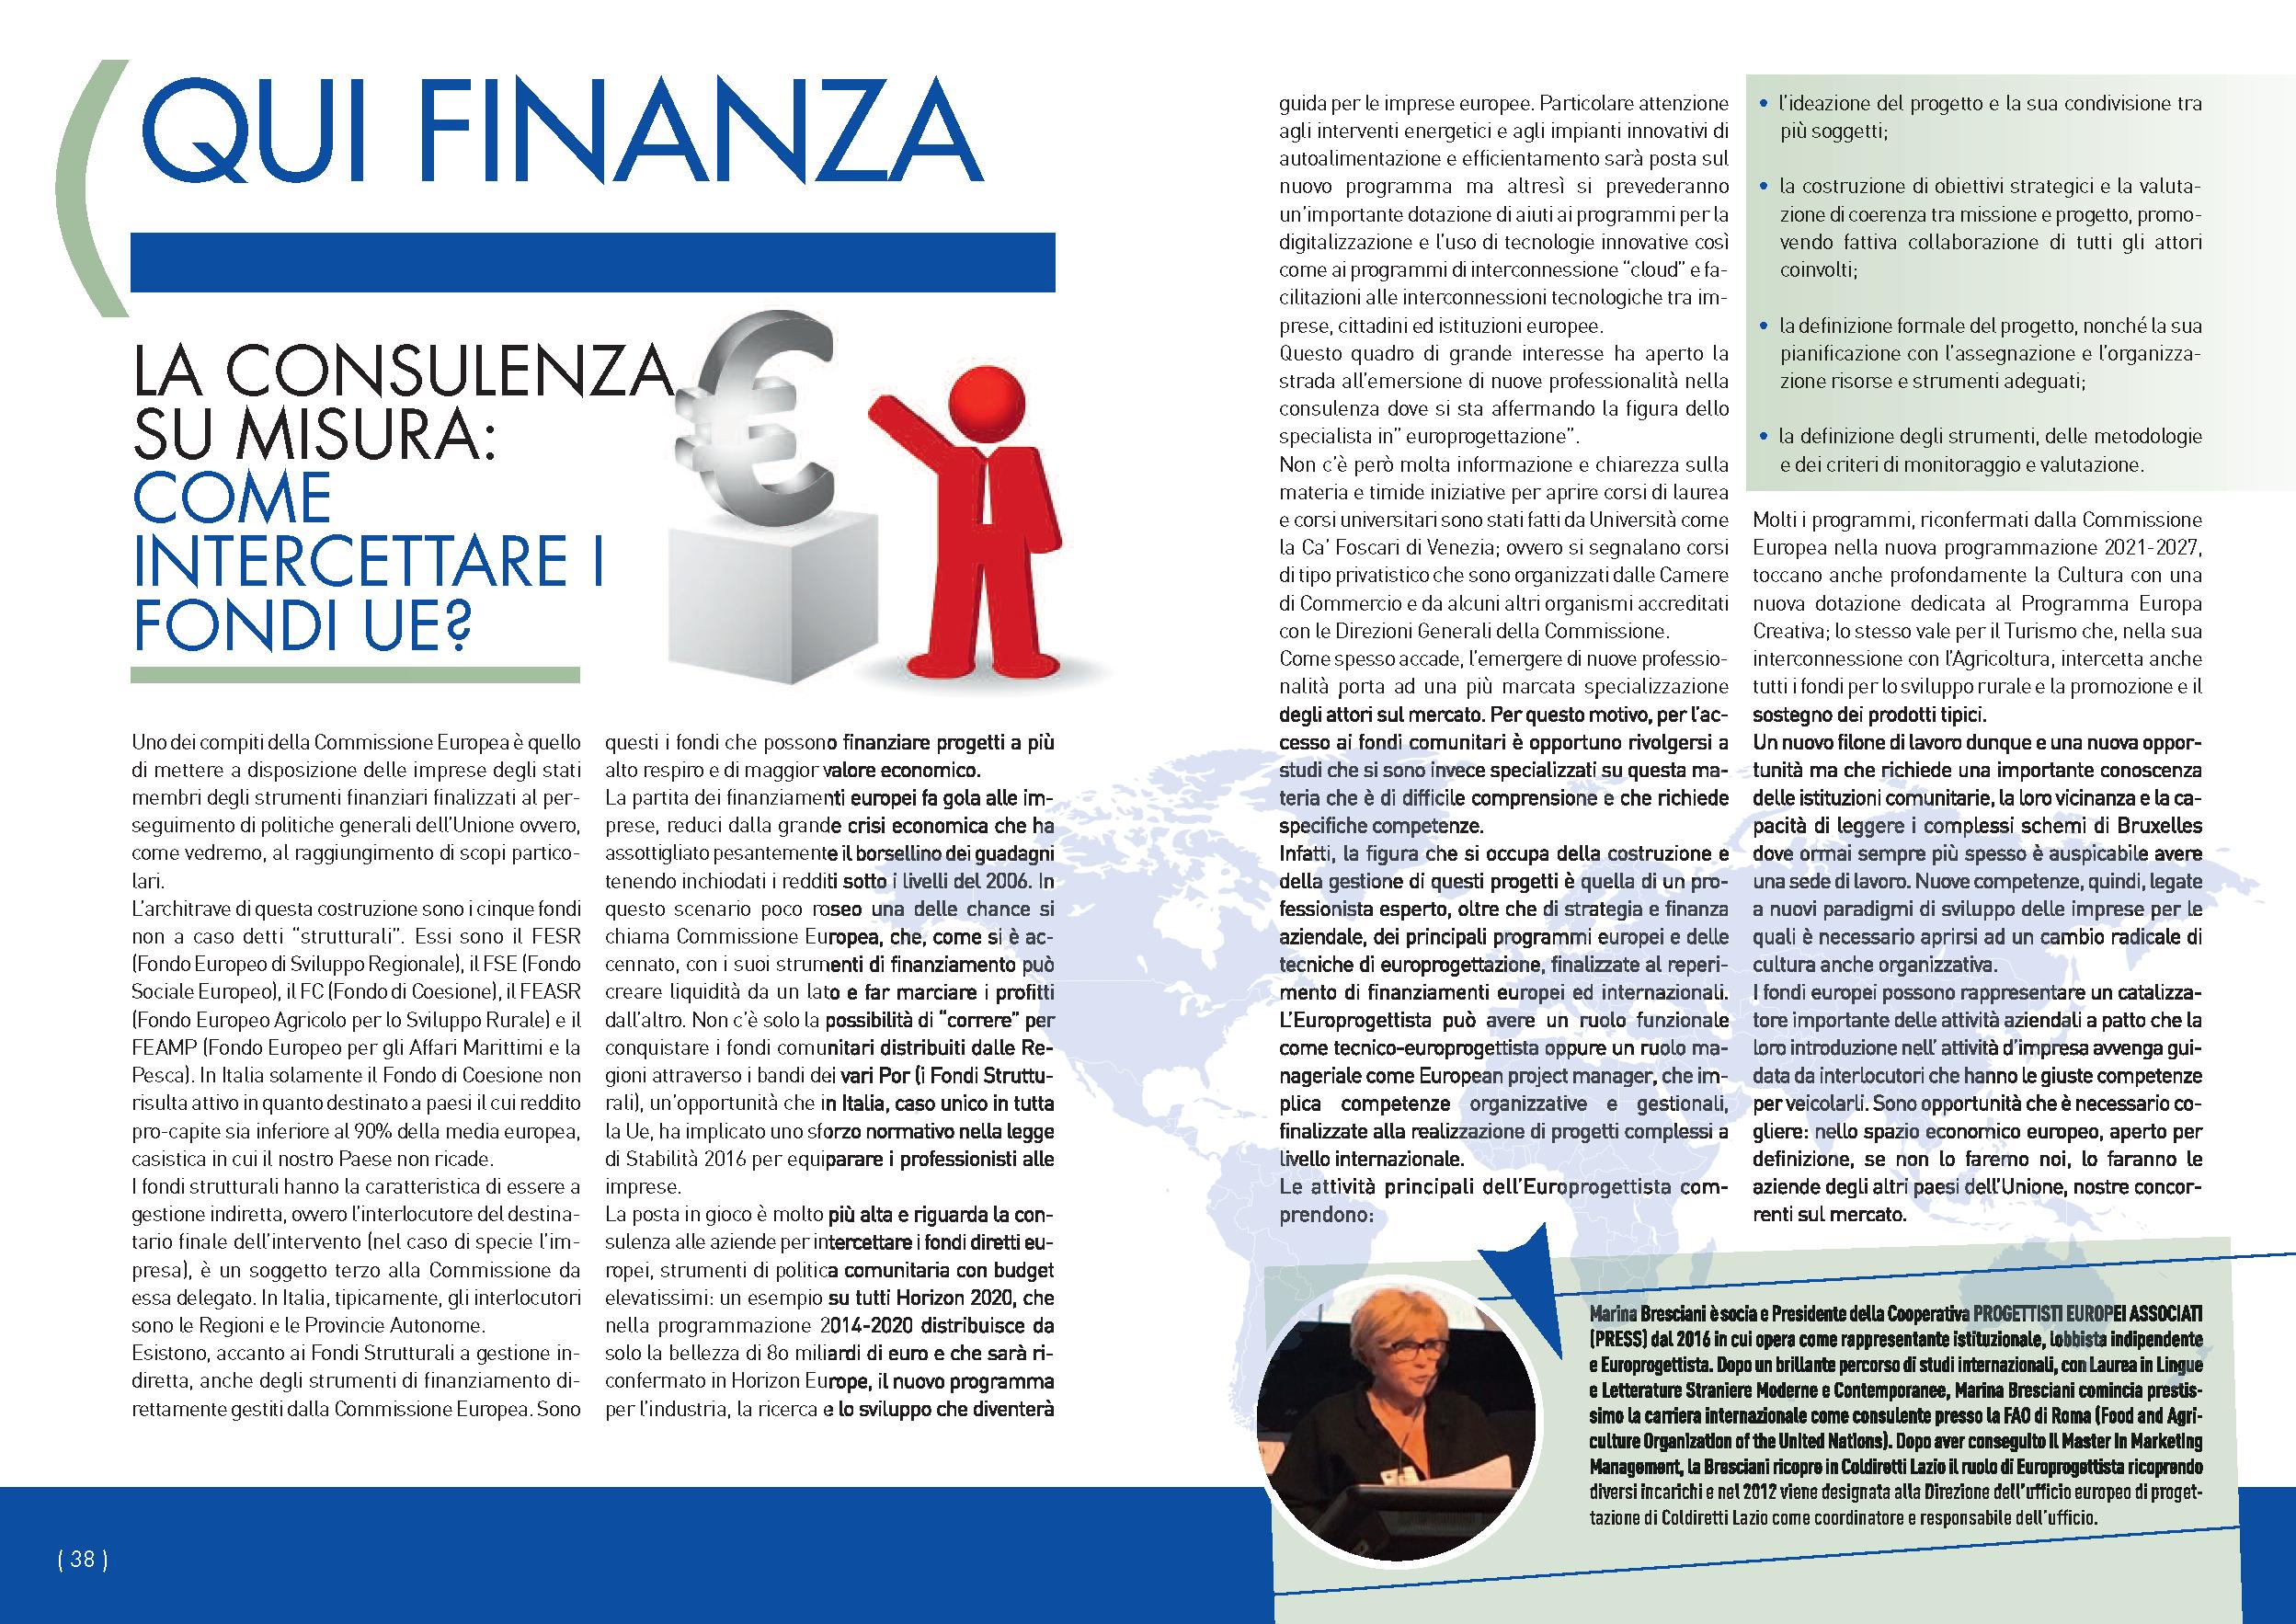 articolo-quifinanza-002